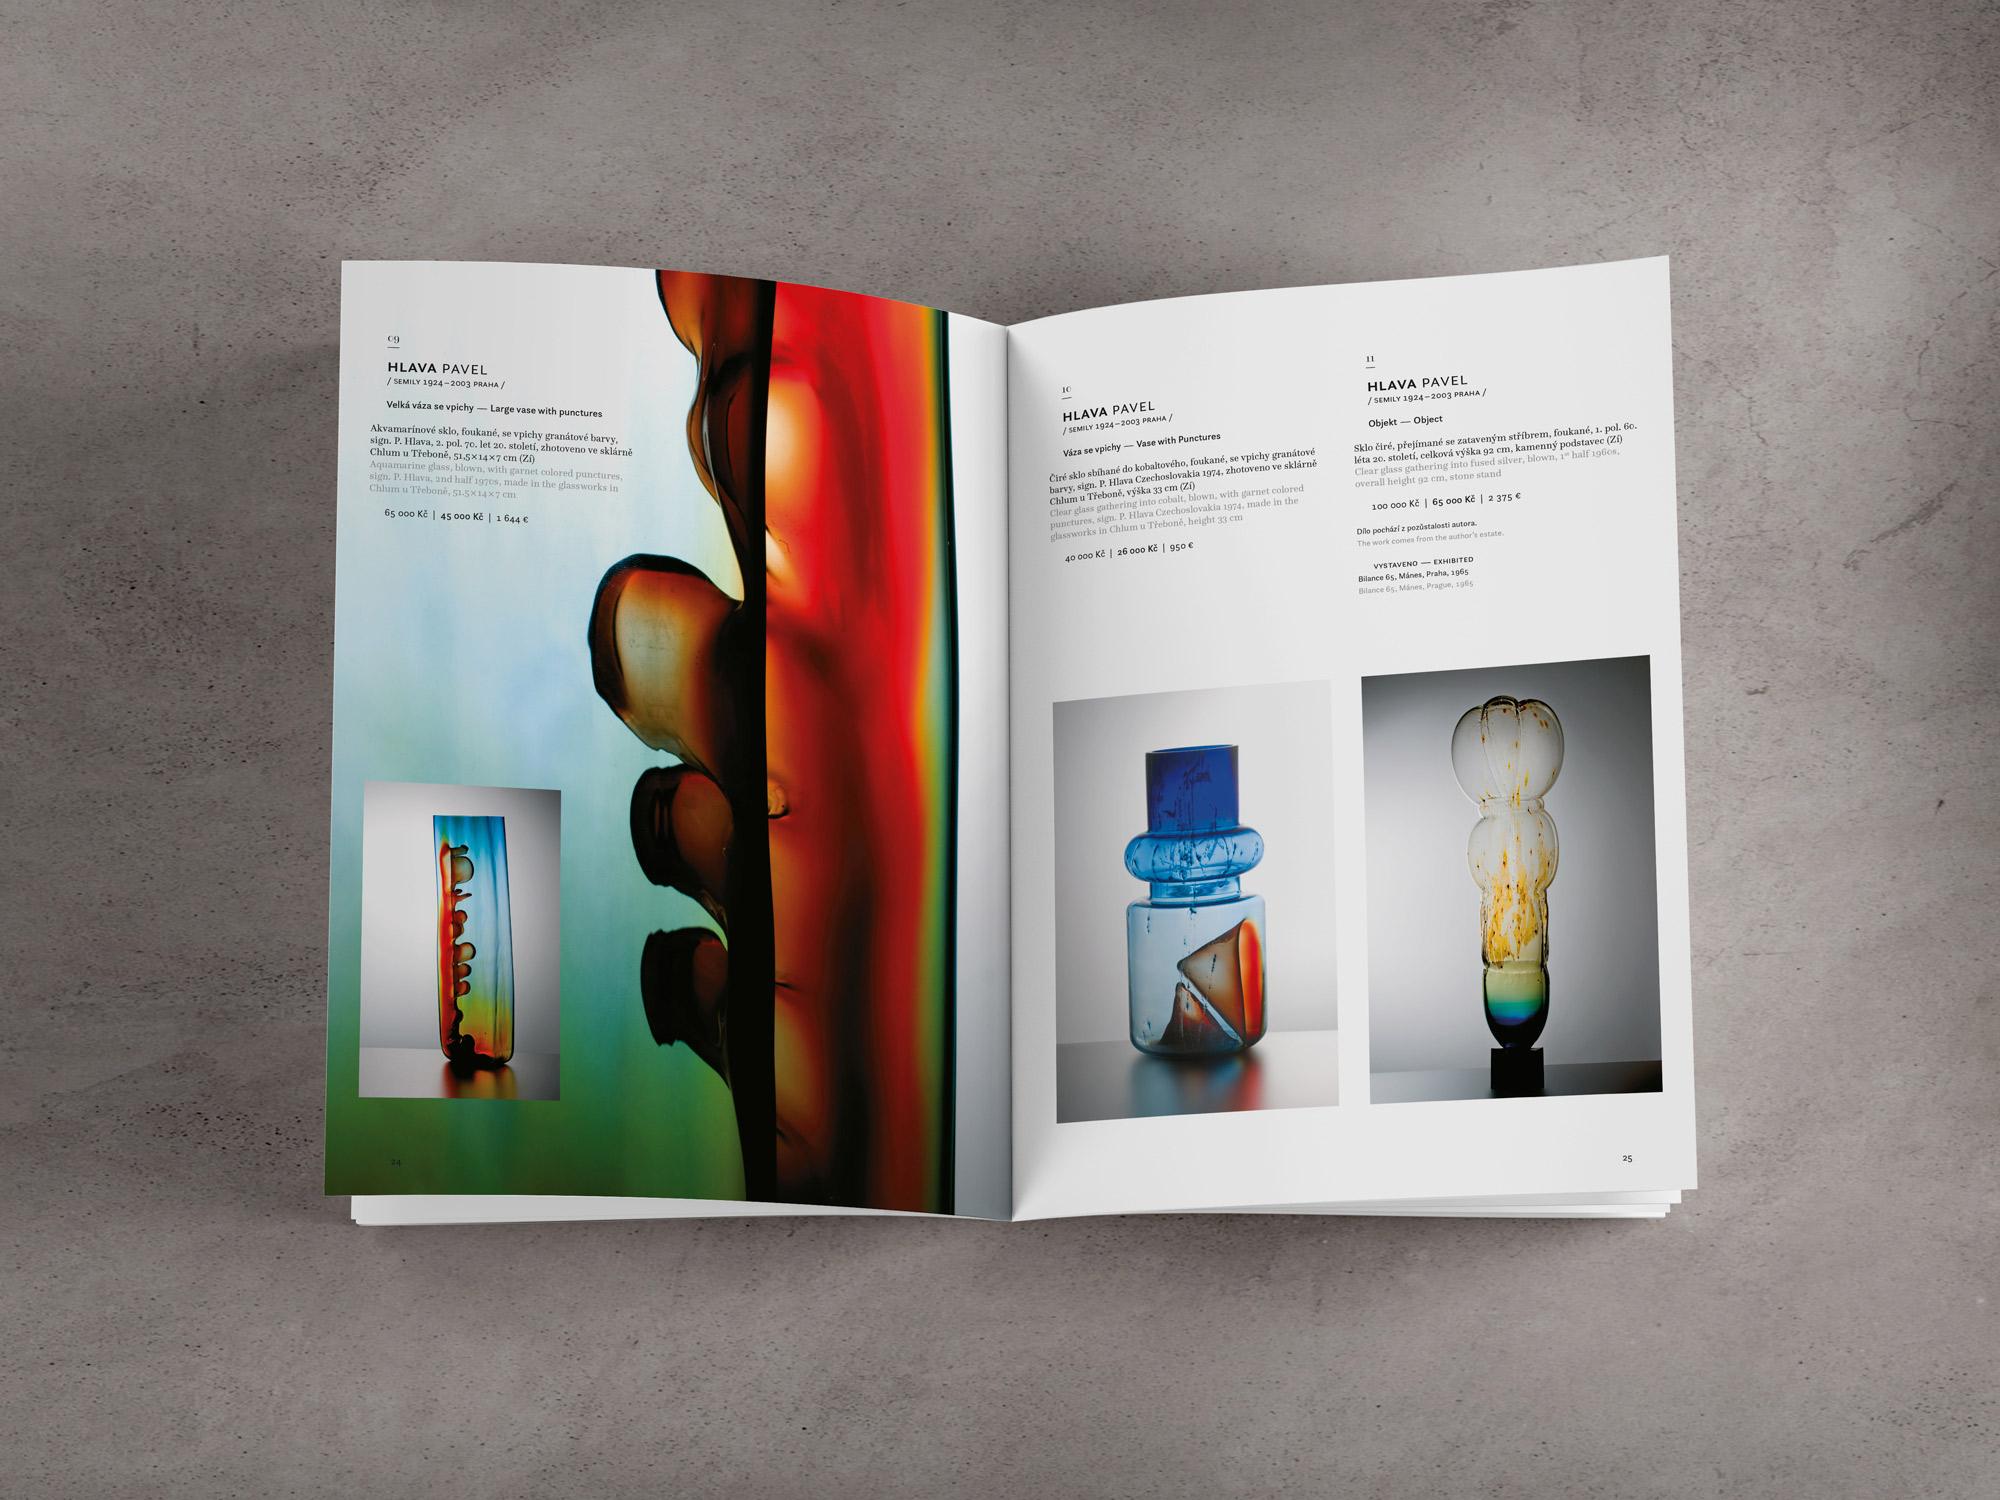 [album/Products_Model_Product/51/DOR_Krehka_sila_katalog_2015_vnitrek_2.jpg]